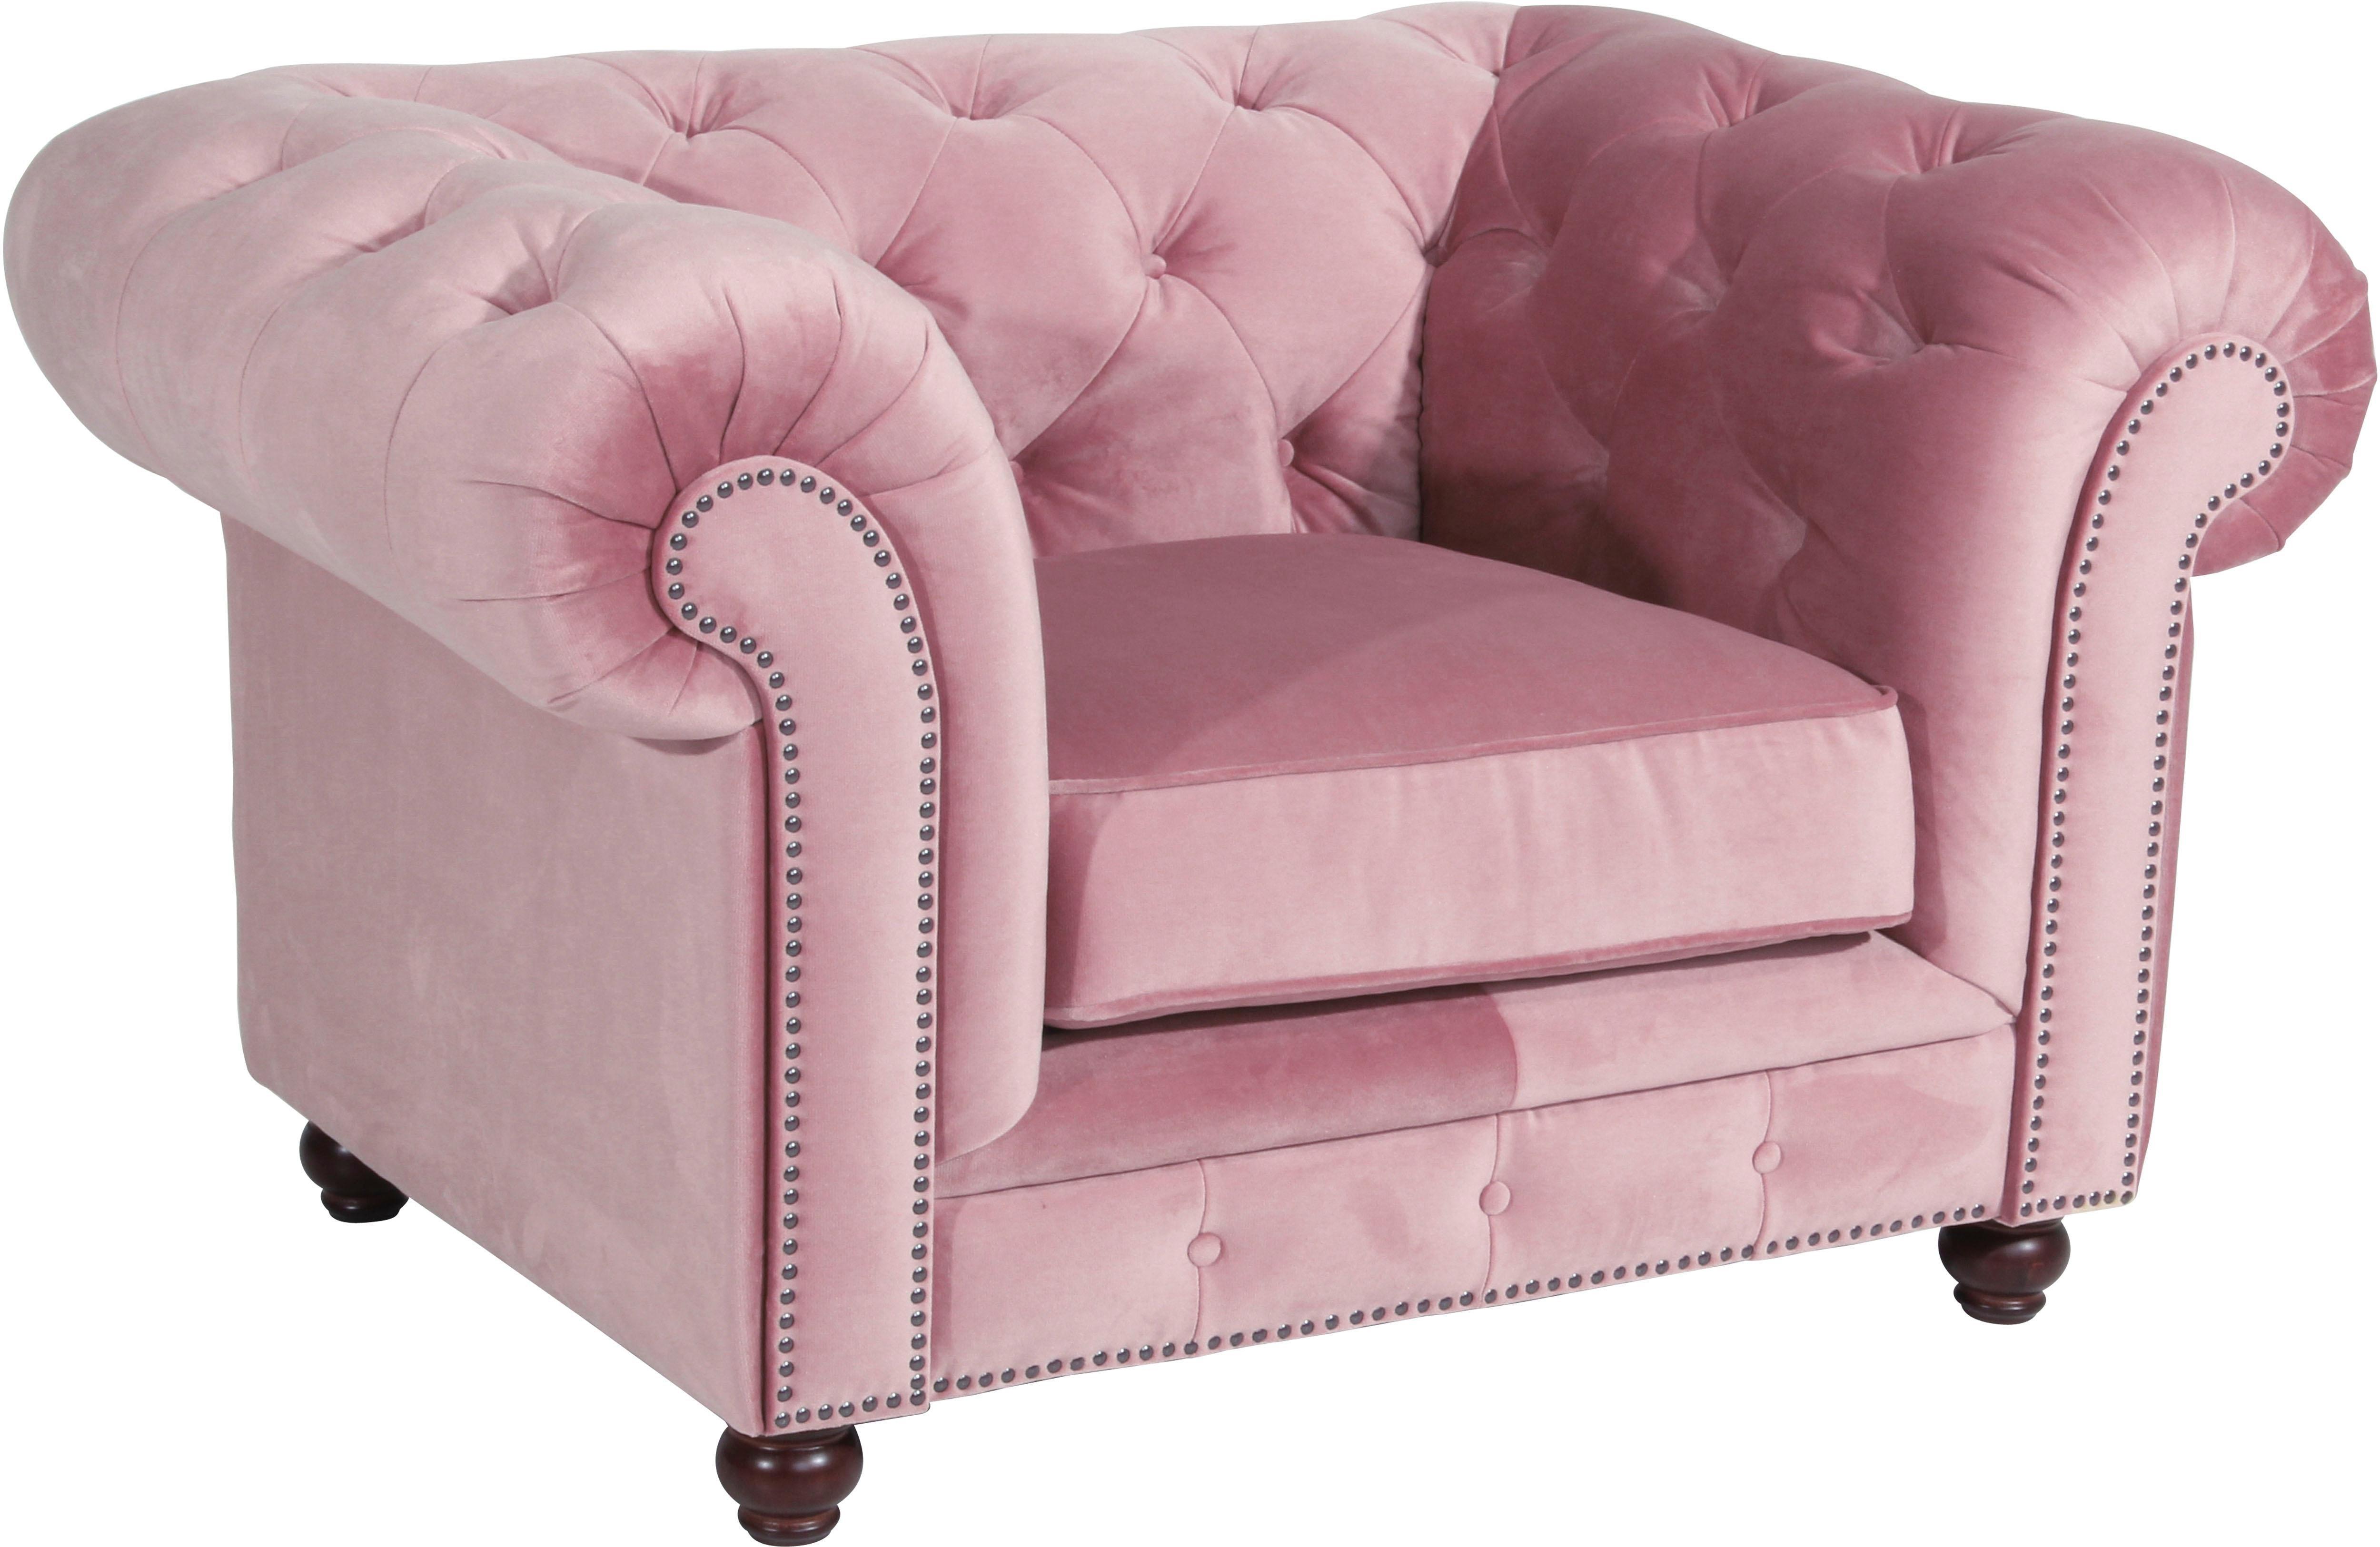 Op zoek naar een Max Winzer ® Chesterfield-fauteuil Old Engeland? Koop online bij OTTO